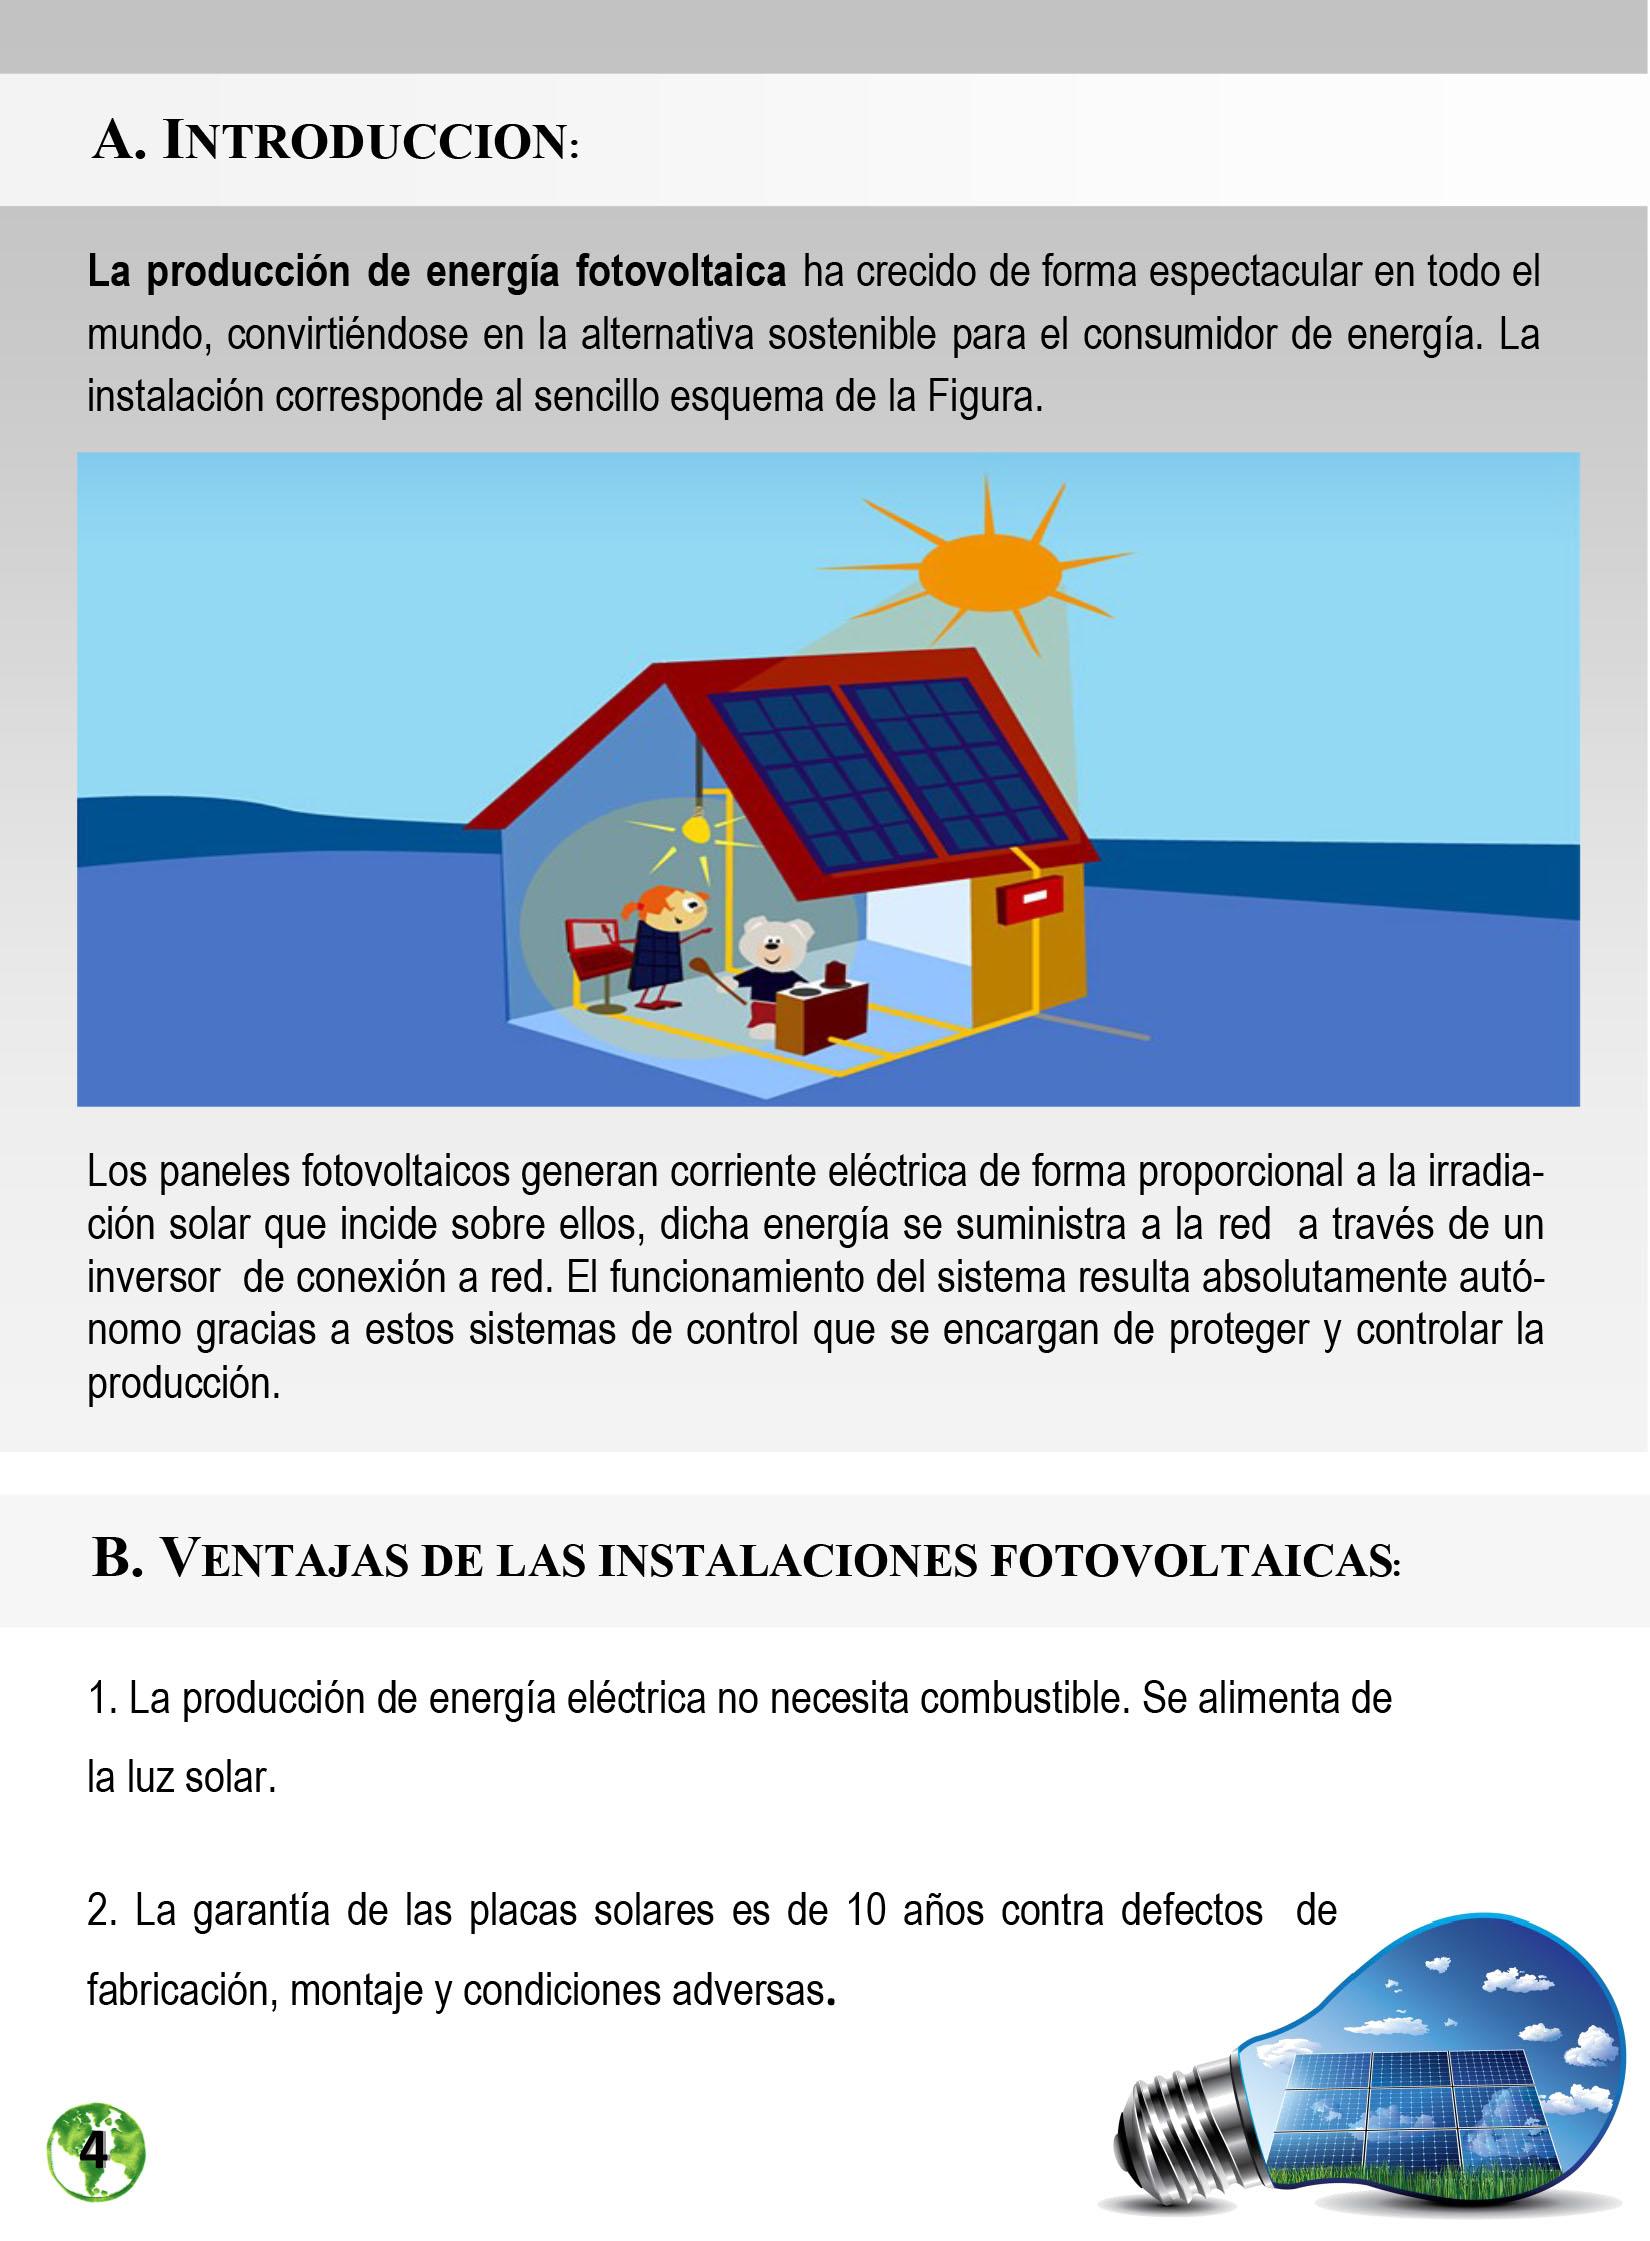 folleto 12-09-13-4.jpg